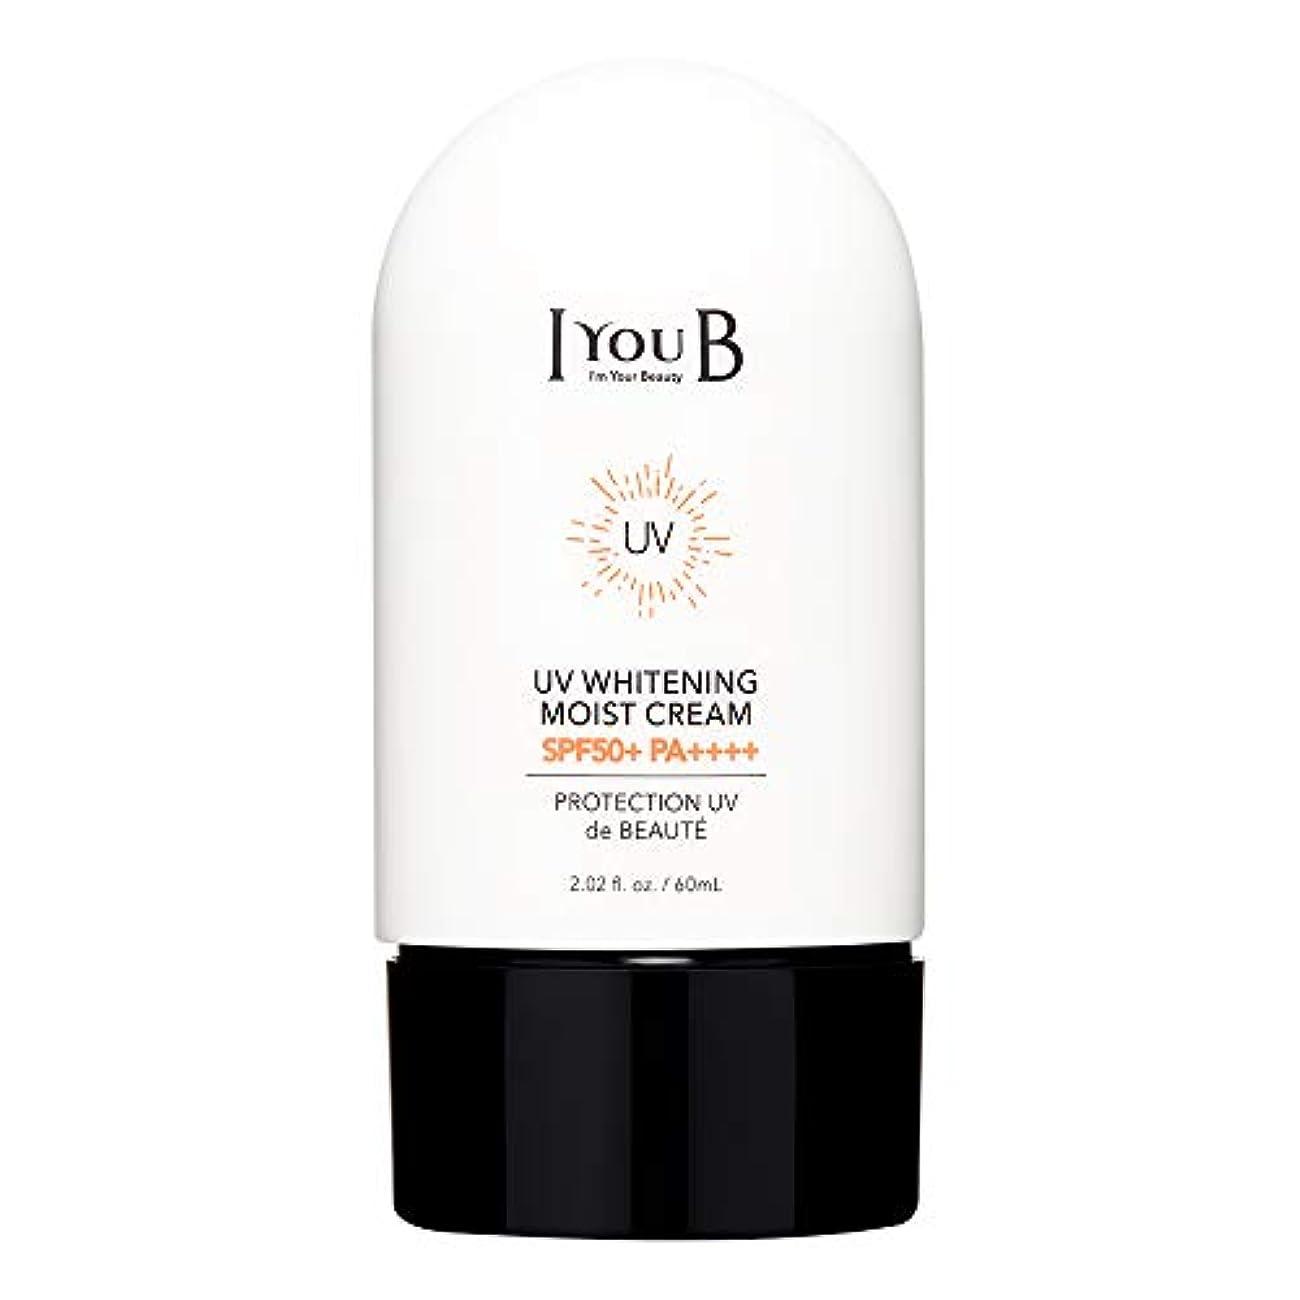 クラシカル思いつく思い出す[アイユビ]UVホワイトニングモイストクリーム 50+ PA++++60ml/2oz,[IYOUB] UV Whitening Moist Cream SPF 50+ PA++++60ml/2oz